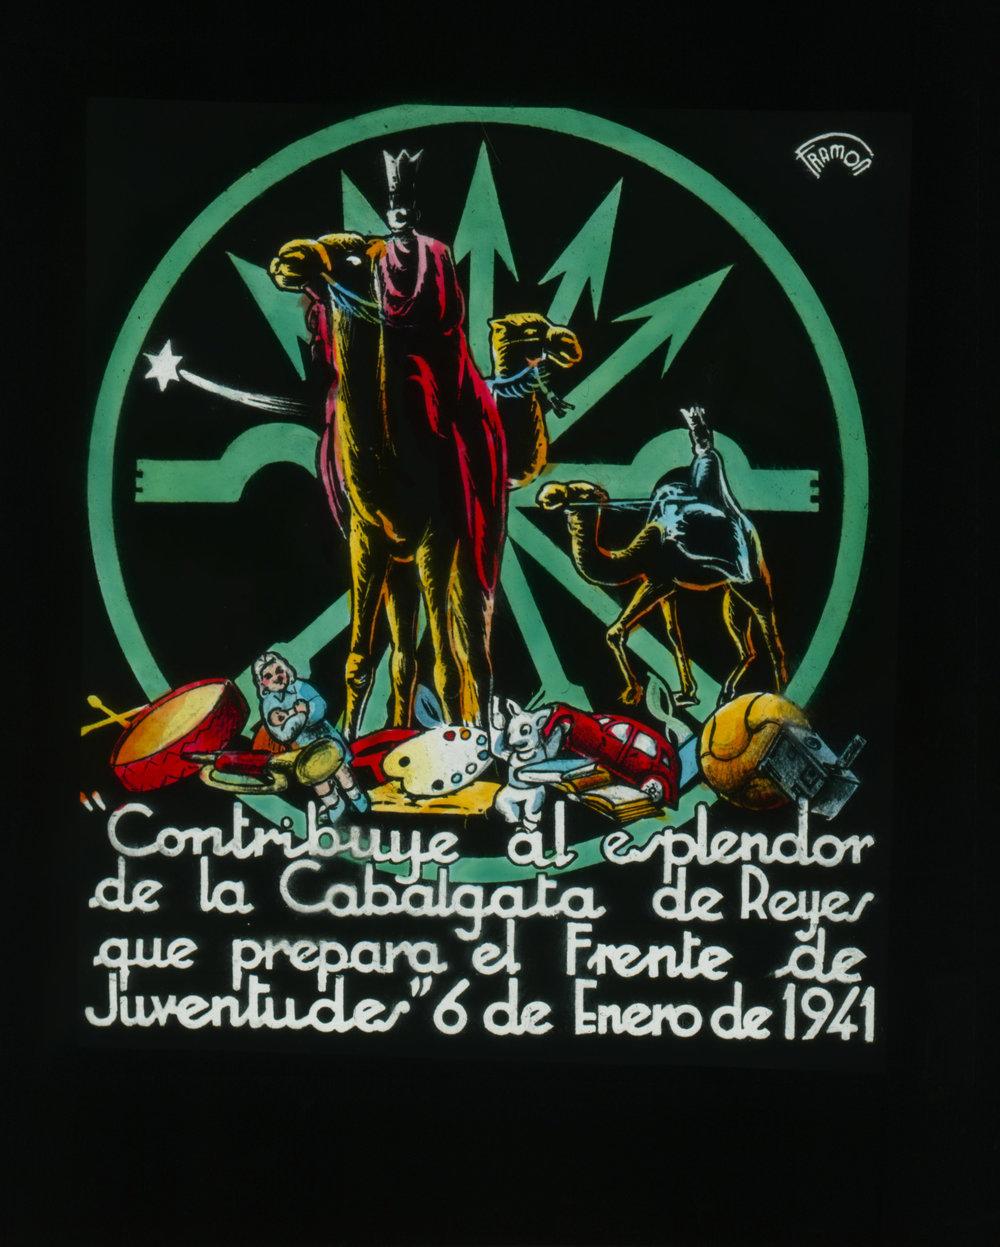 Cartel del Frente de Juventudes para la campaña de Navidad y el desfile del dia de Reyes de 1941